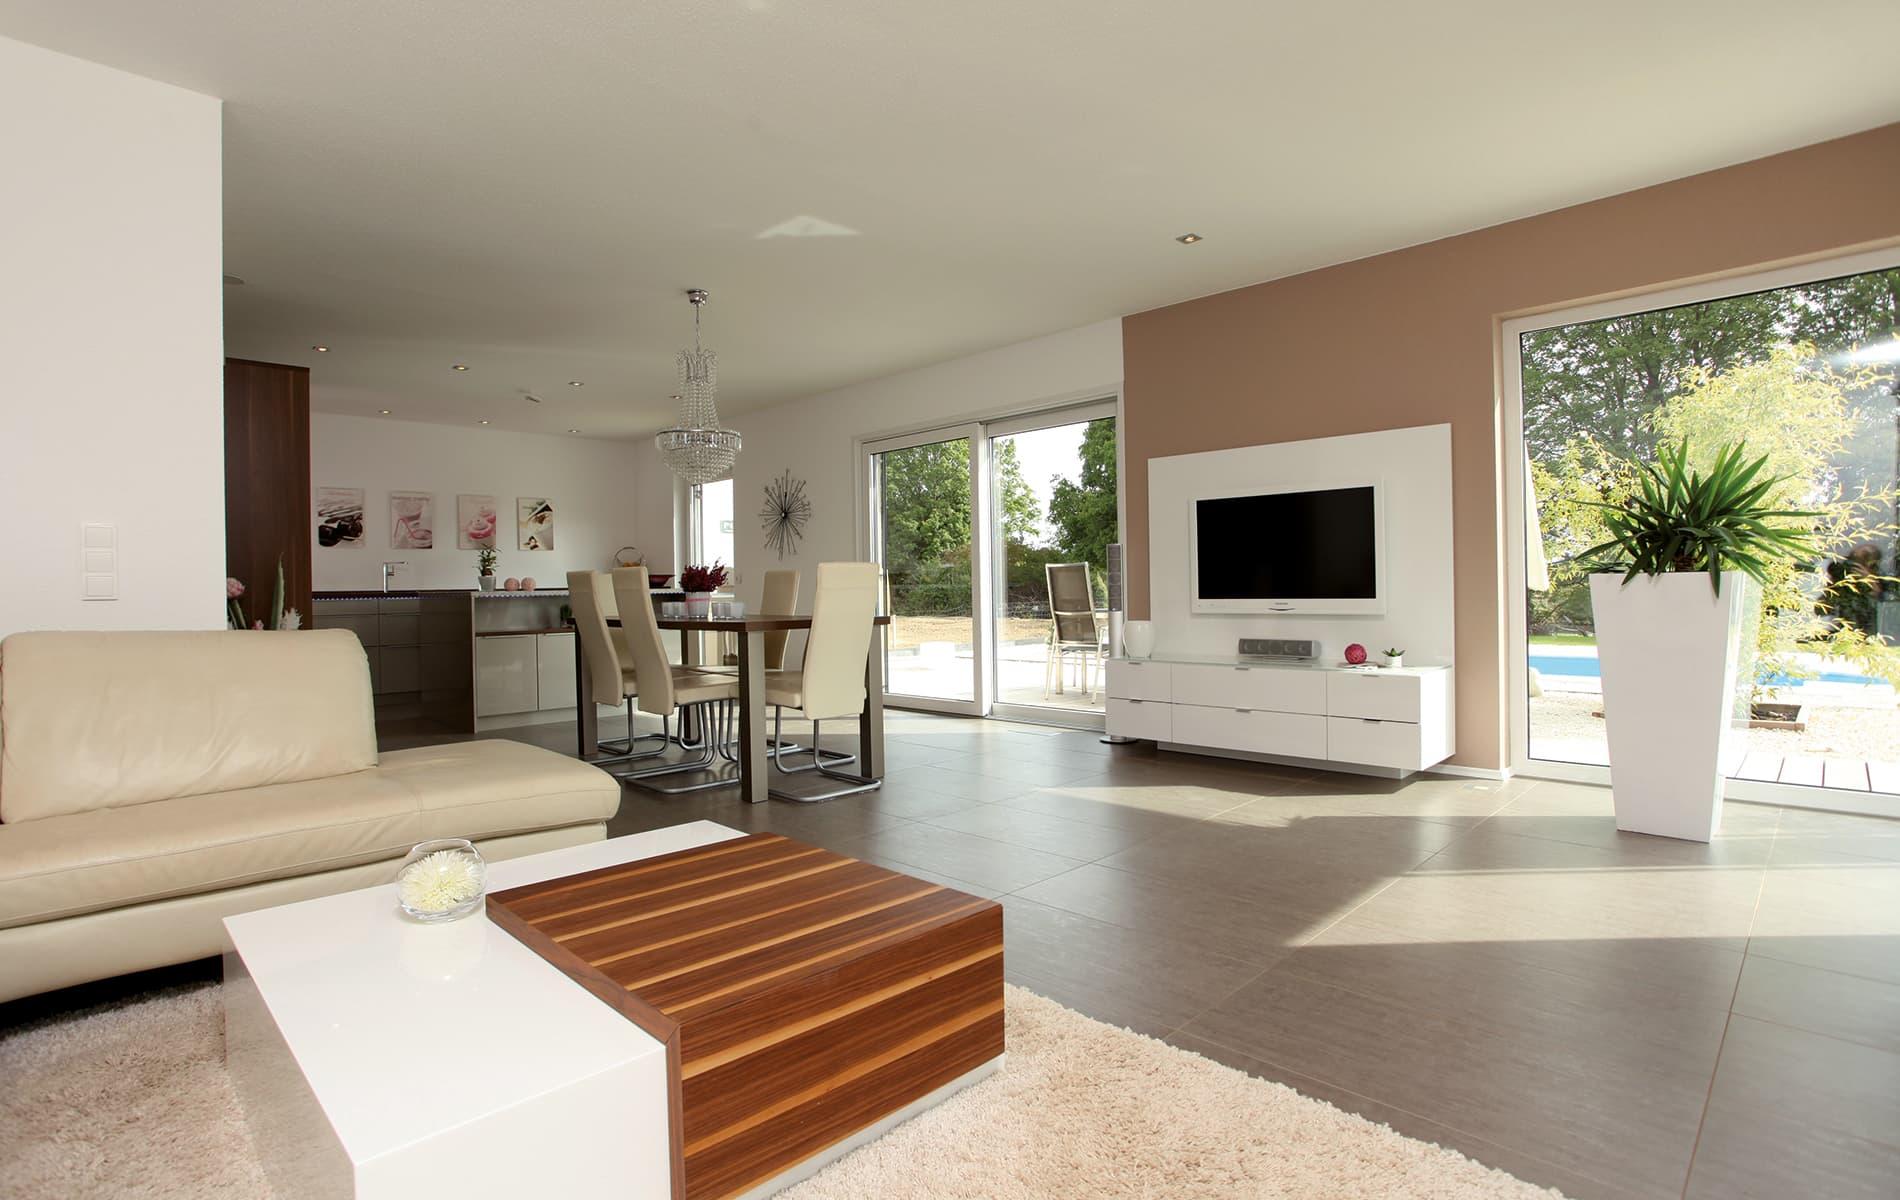 VIO - Wohnzimmer und Essbereich